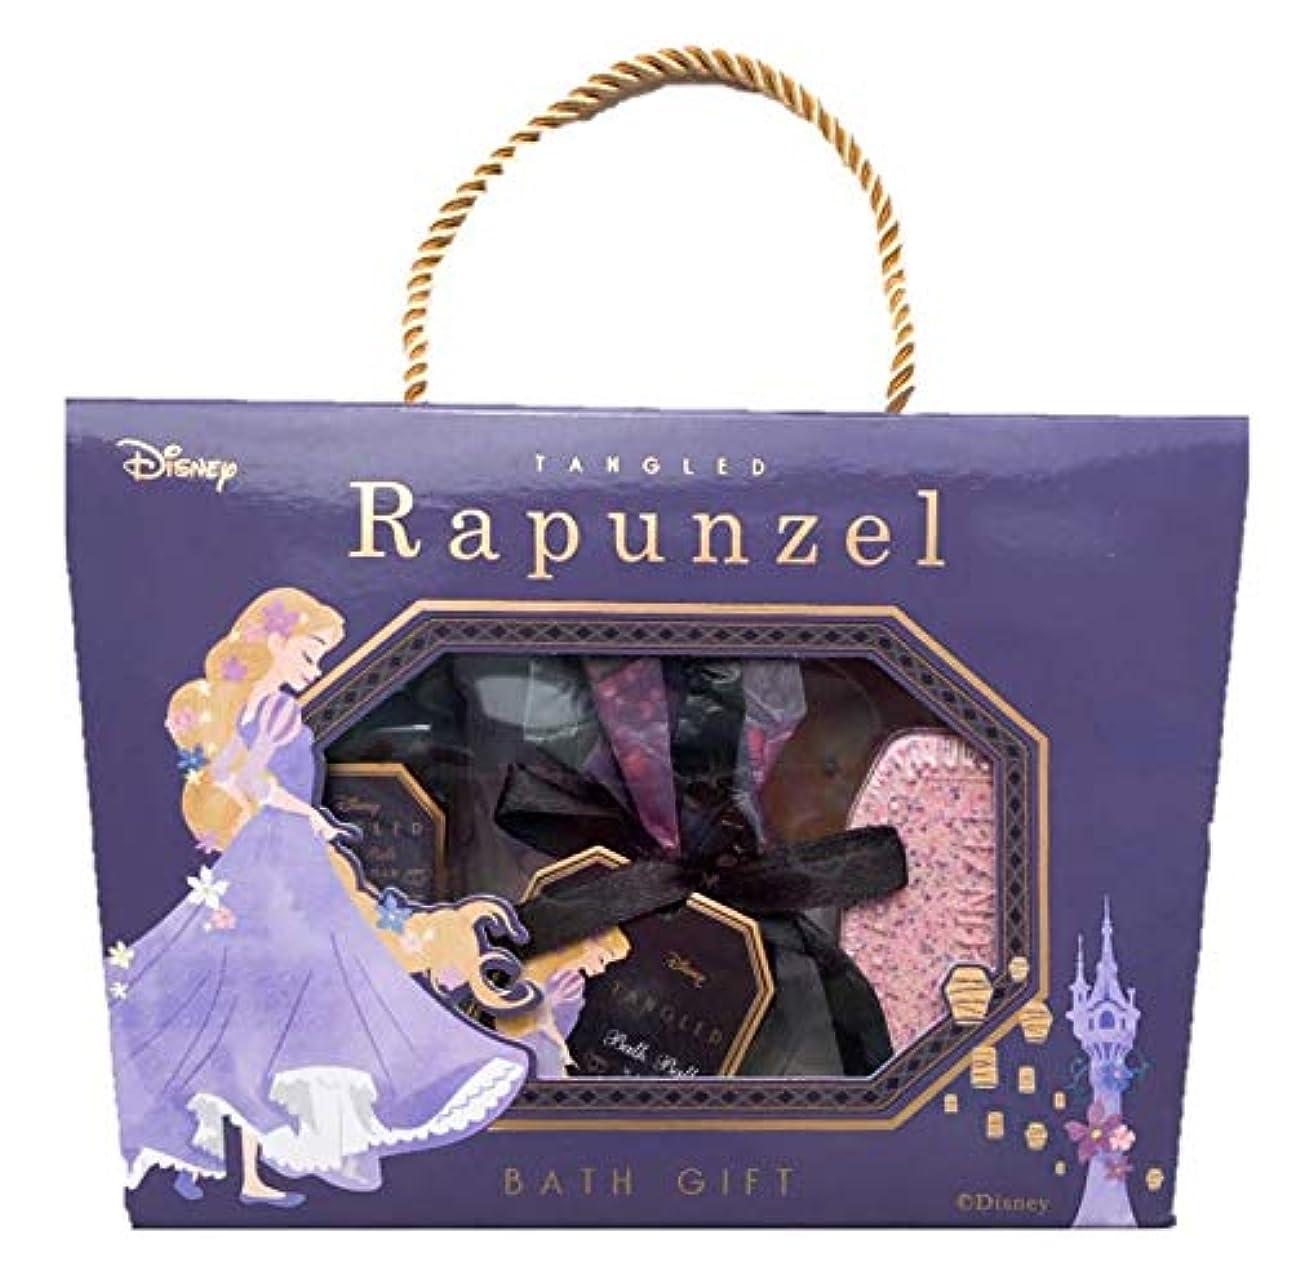 知覚する叫び声クリエイティブディズニー(Disney)SHO-BI バスギフトM ギフトセット ラプンツェル ディズニープリンセス 塔の上のラプンツェル 入浴剤 ギフト バスギフトセット プレゼント 大人 女の子 かわいい Rapunzel